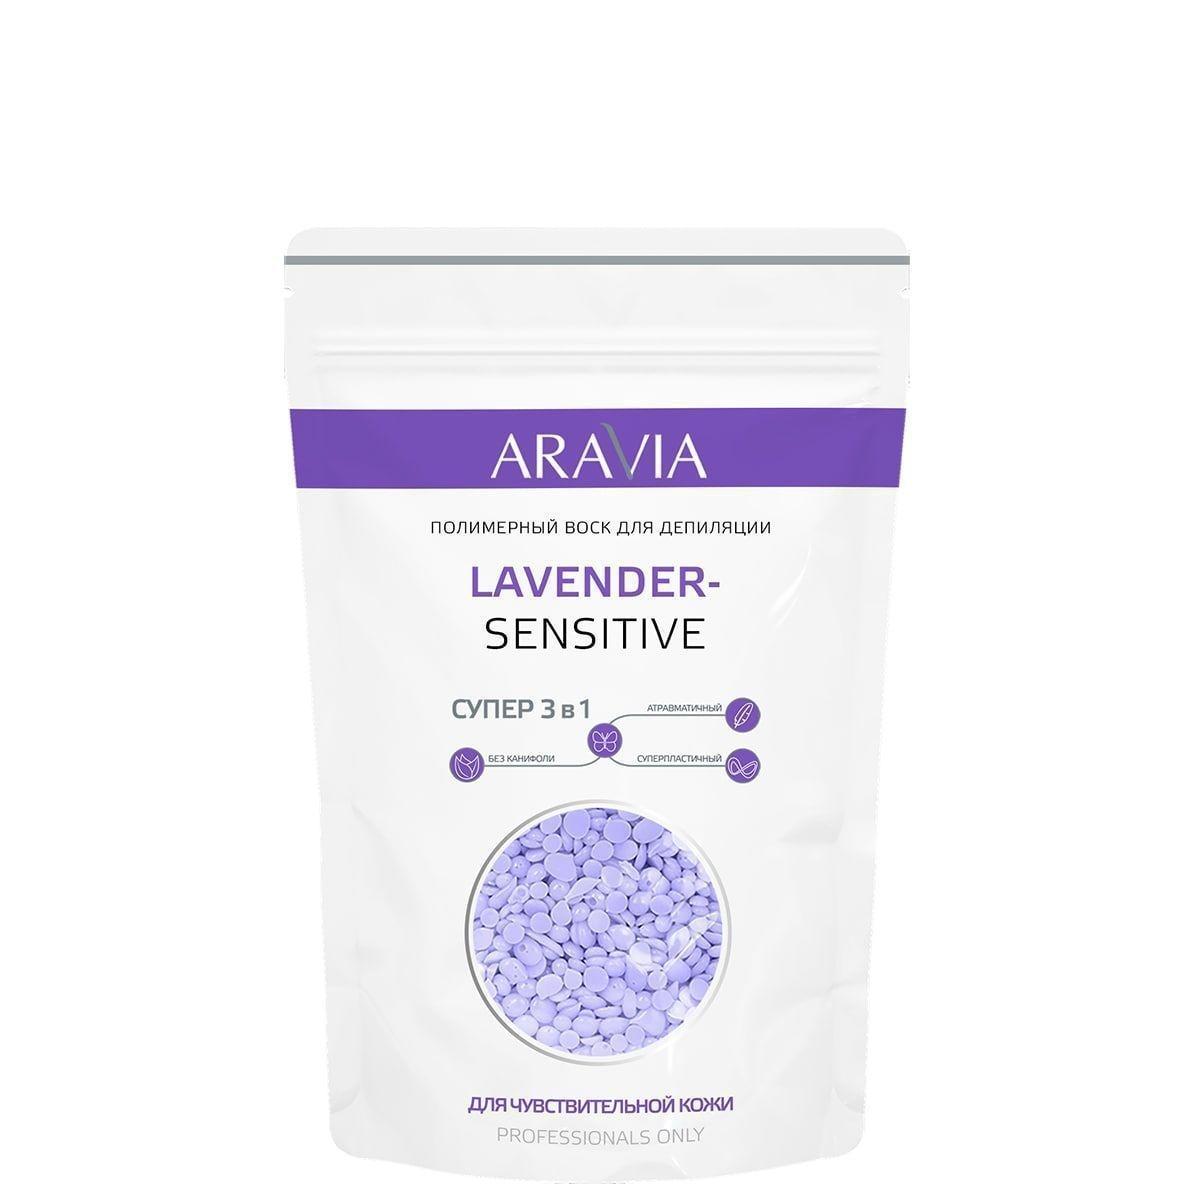 ARAVIA Воск Lavender-Sensitive Полимерный для Депиляции для Чувствительной Кожи, 1000г